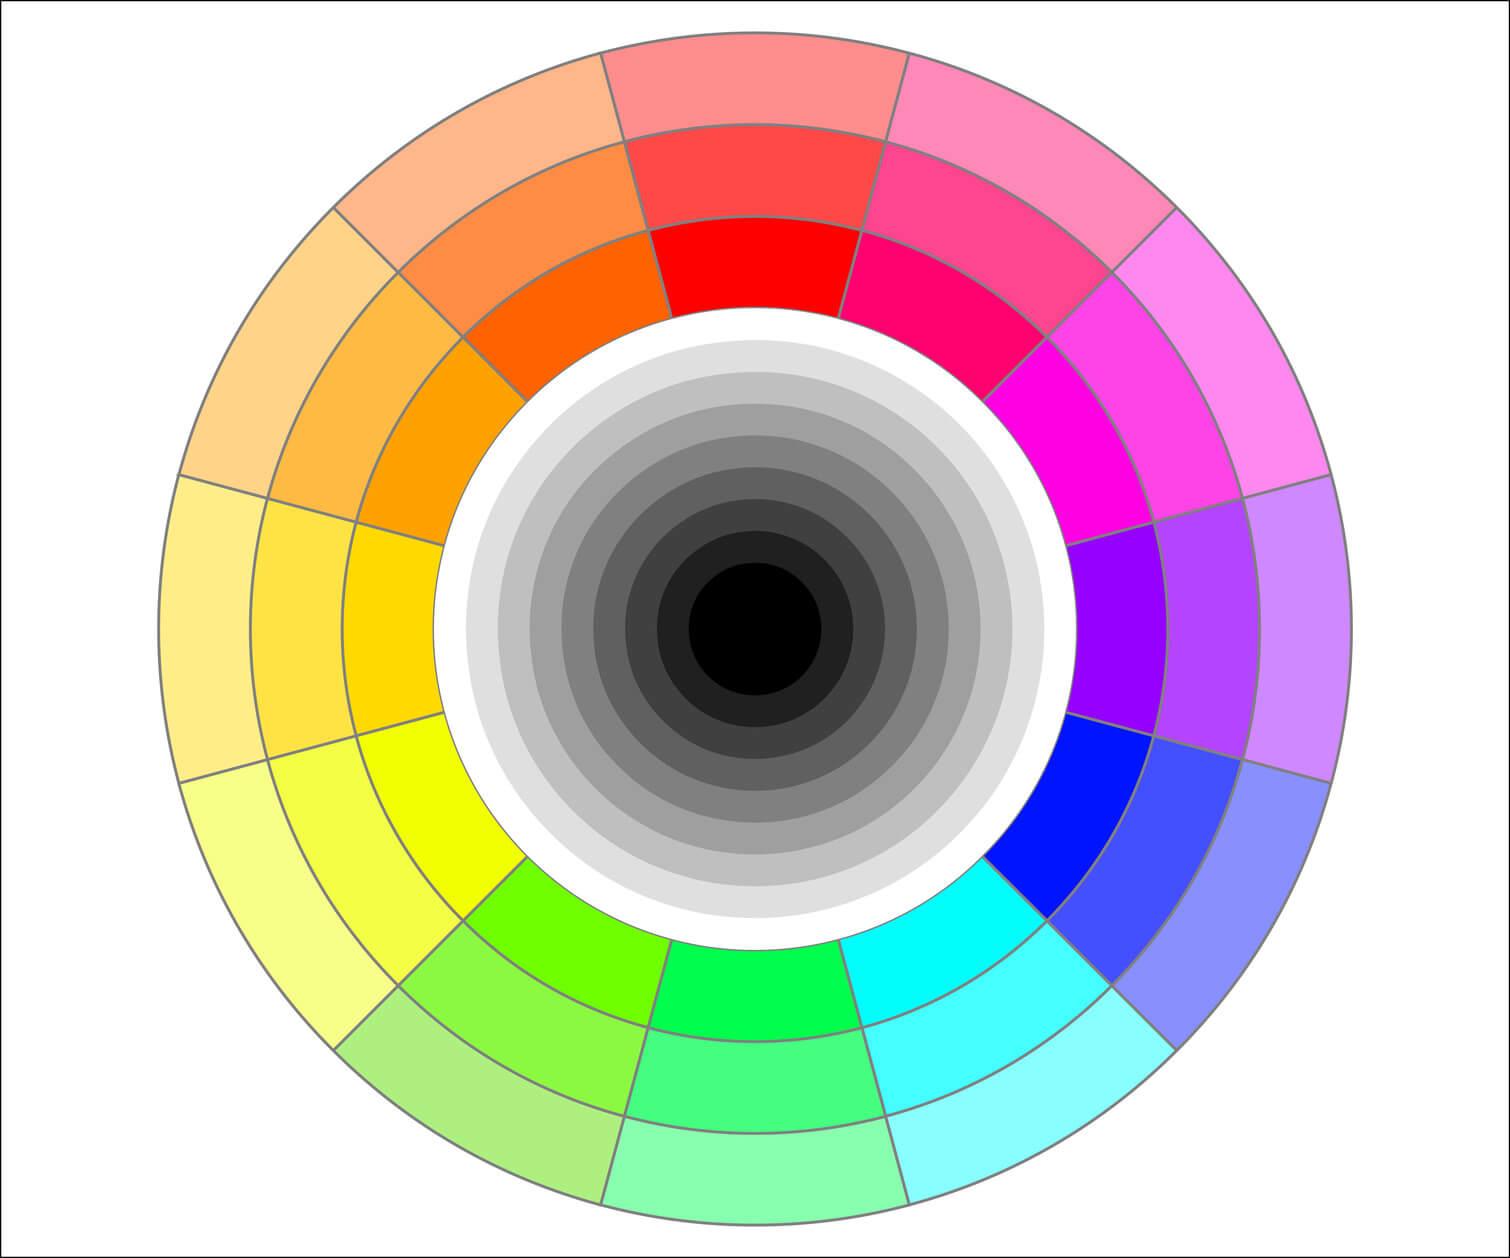 Colores fr os y c lidos definici n concepto y qu es - Los colores calidos y frios ...